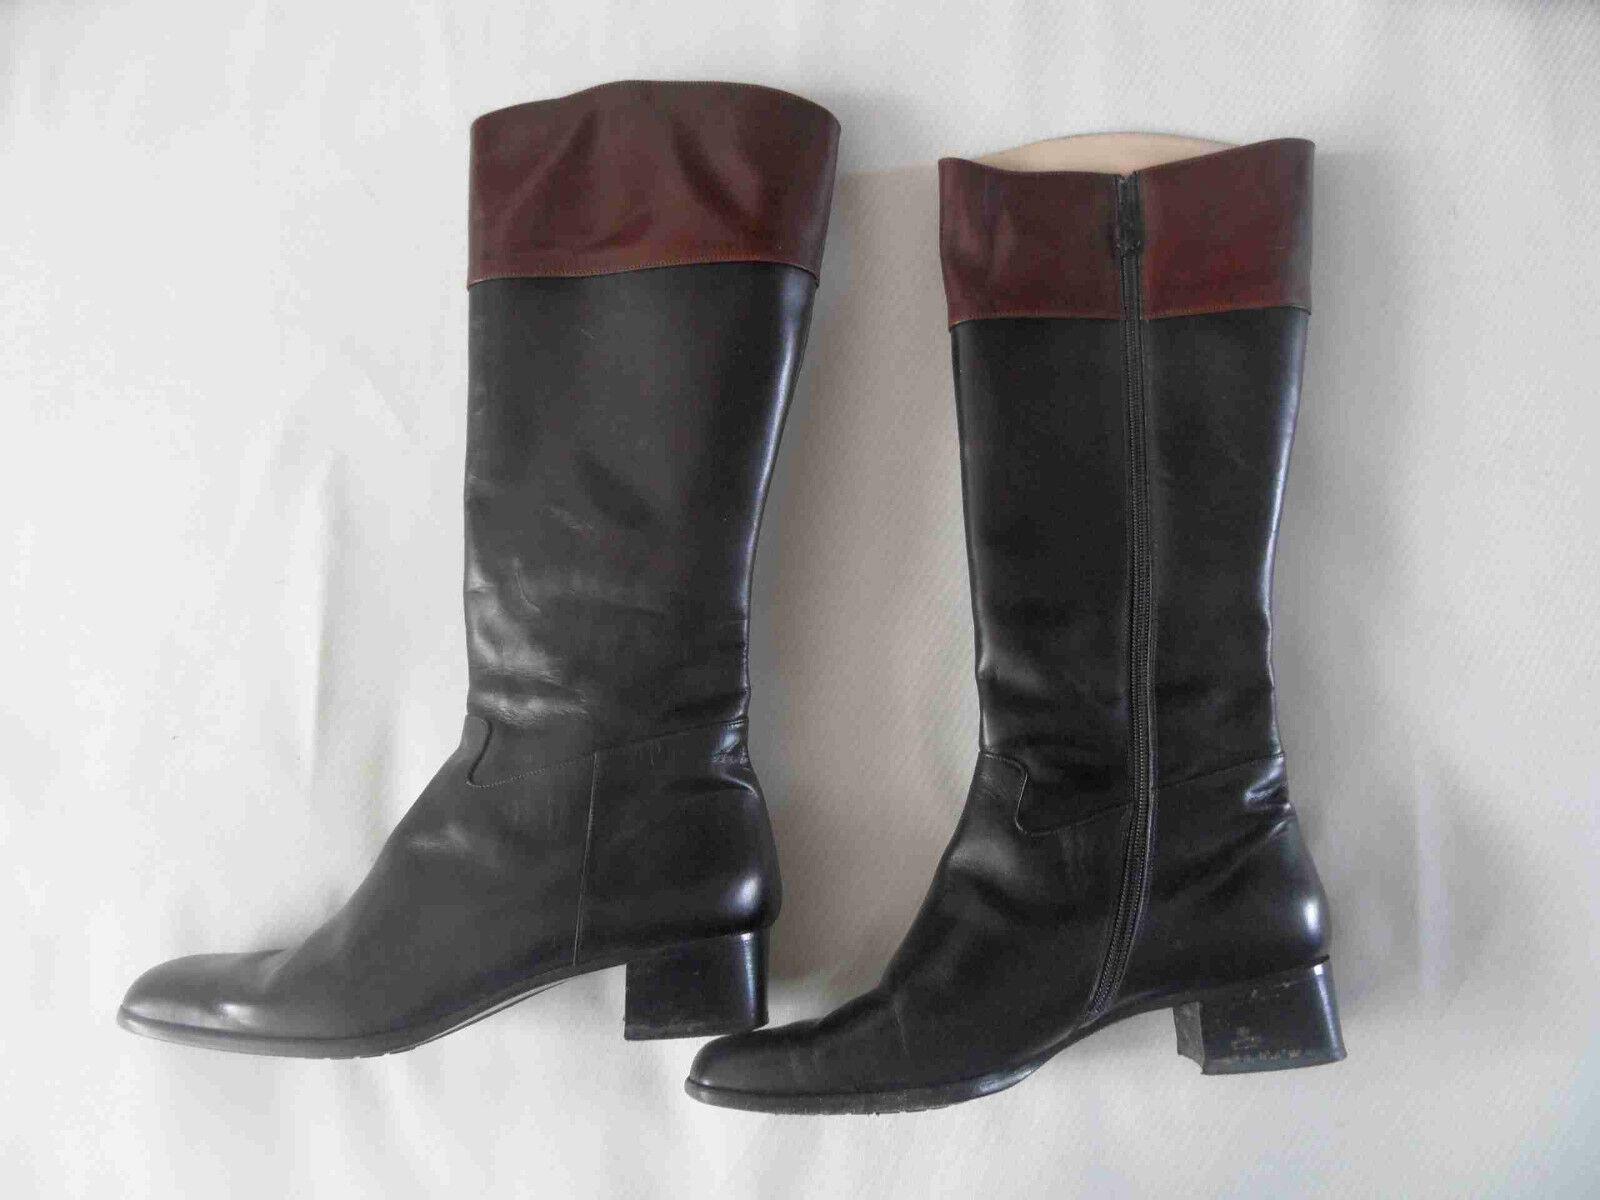 damen LAURA hoher schwarzer Luxus Stiefel feinstes Leder Gr. 40 TOP AF3